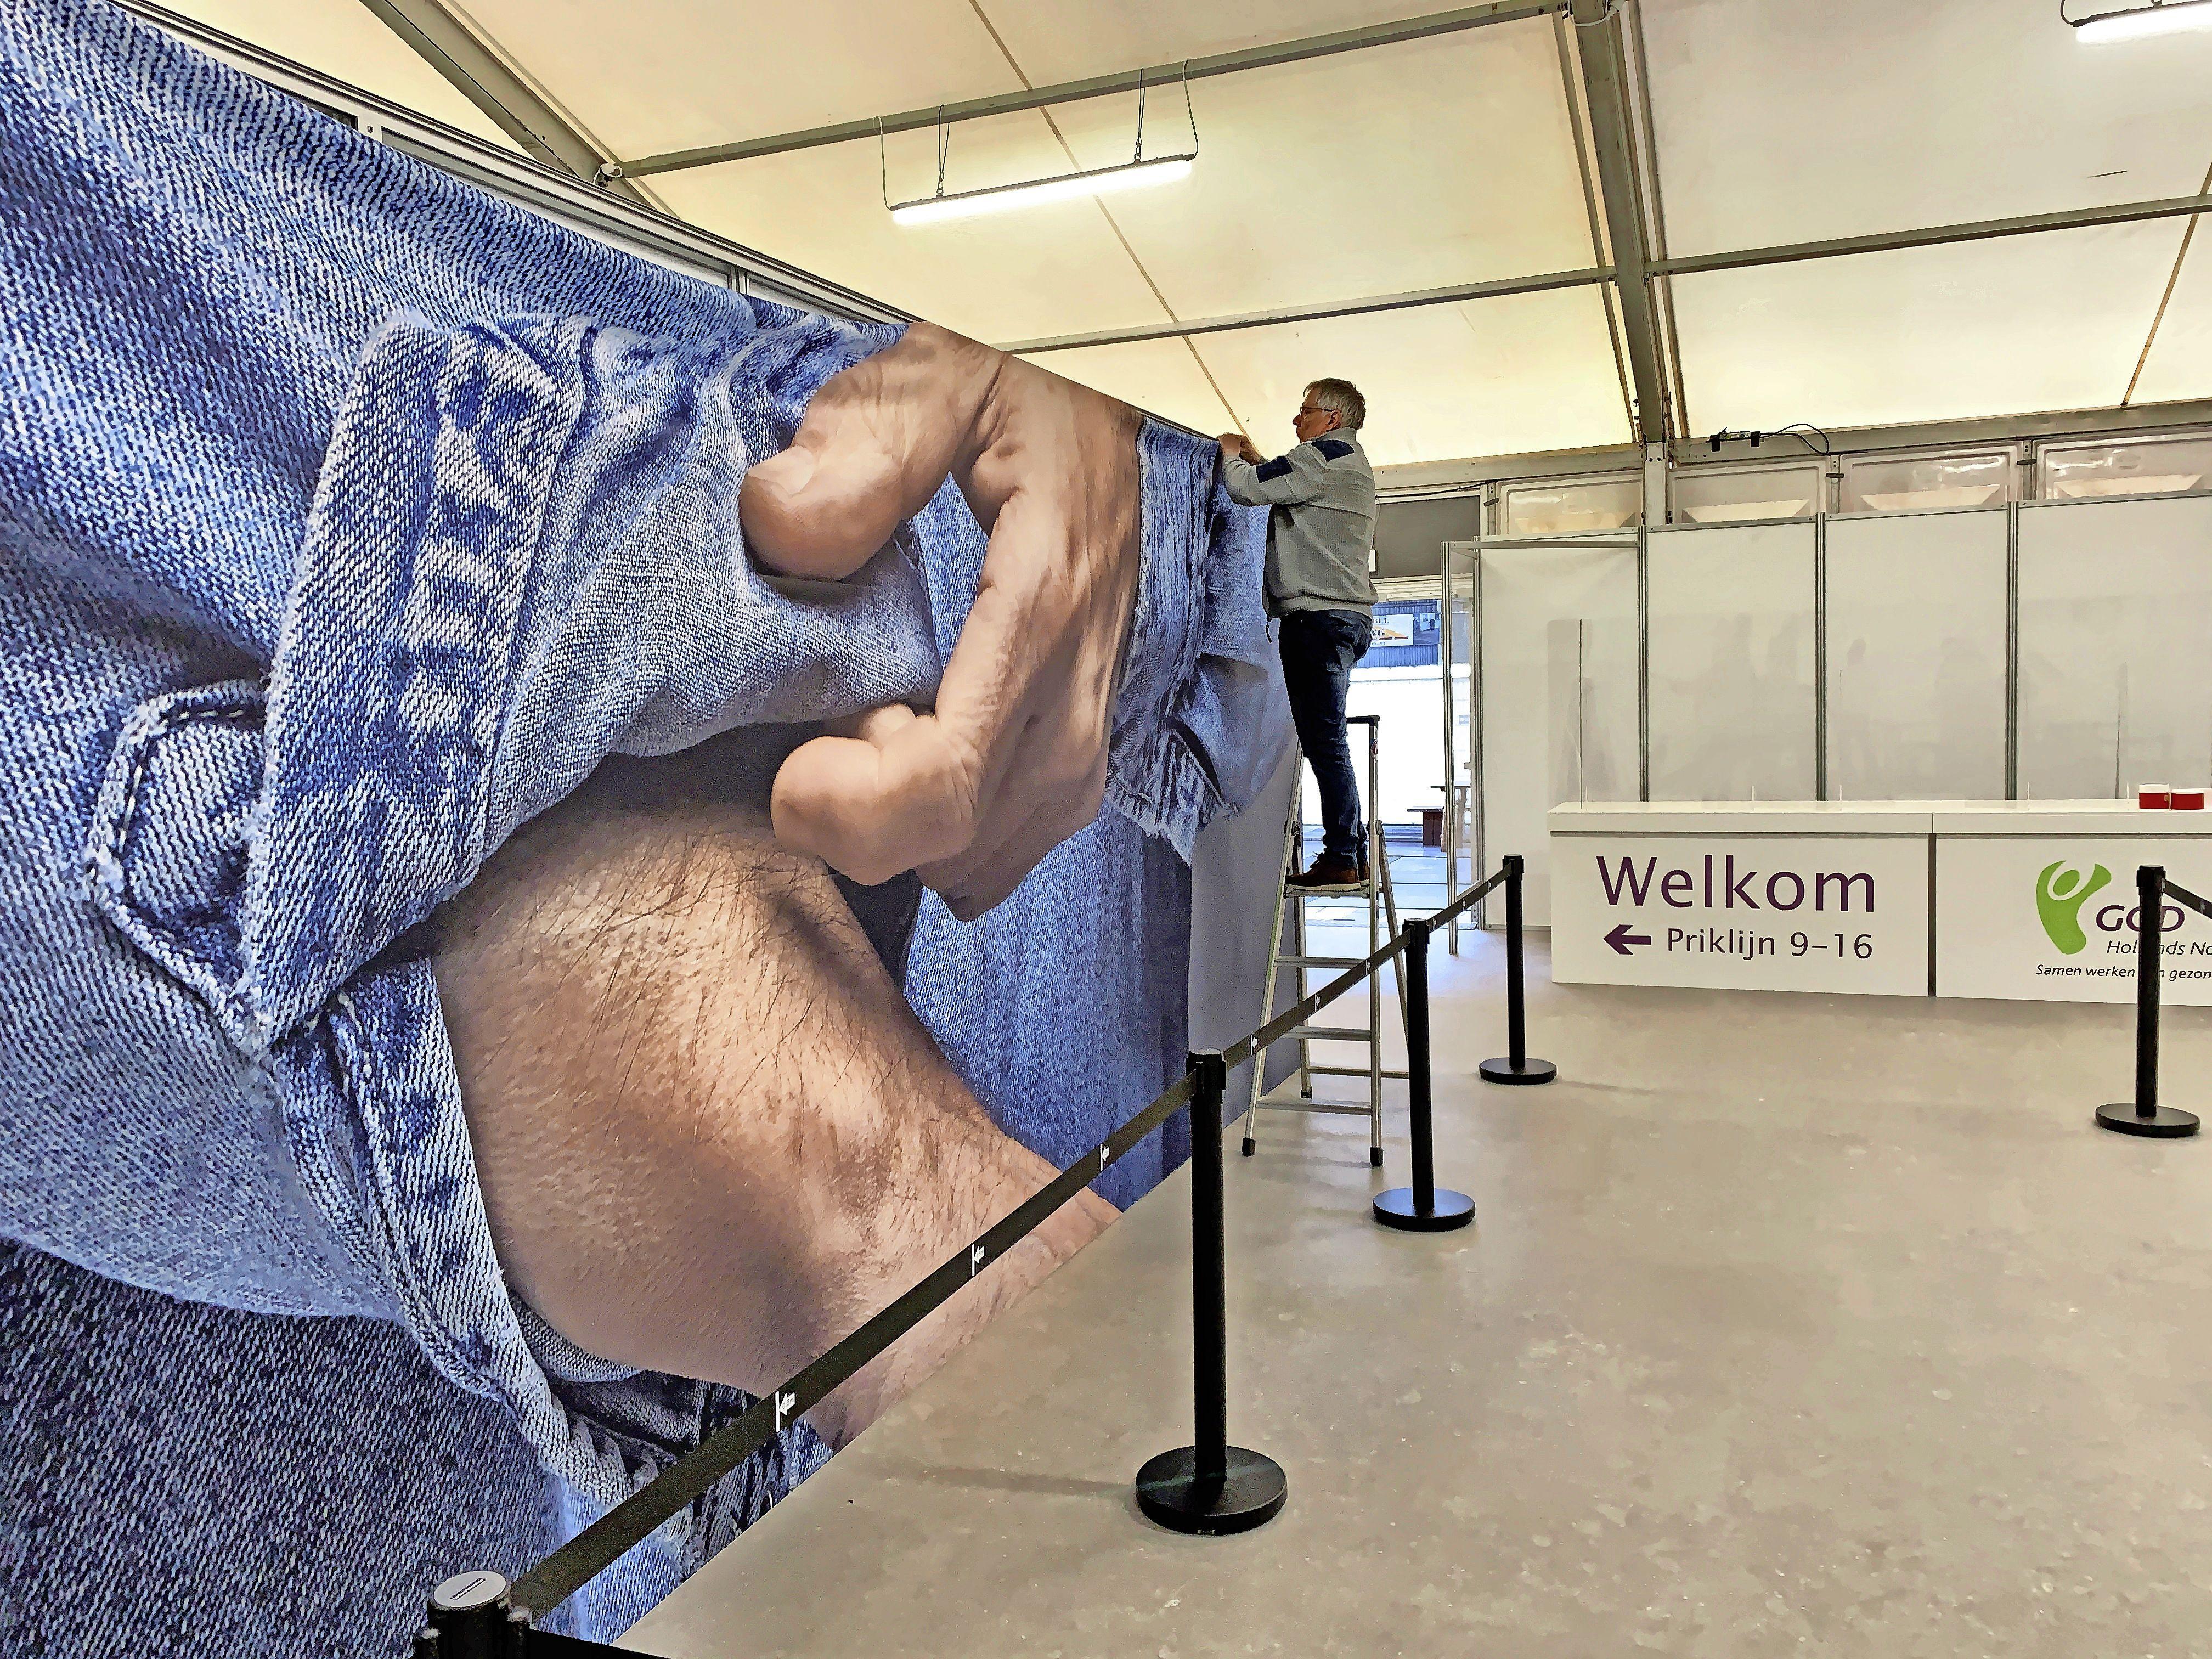 Vaccinschaarste zit De Westfries en dus inwoners van de regio nog zeker een week dwars